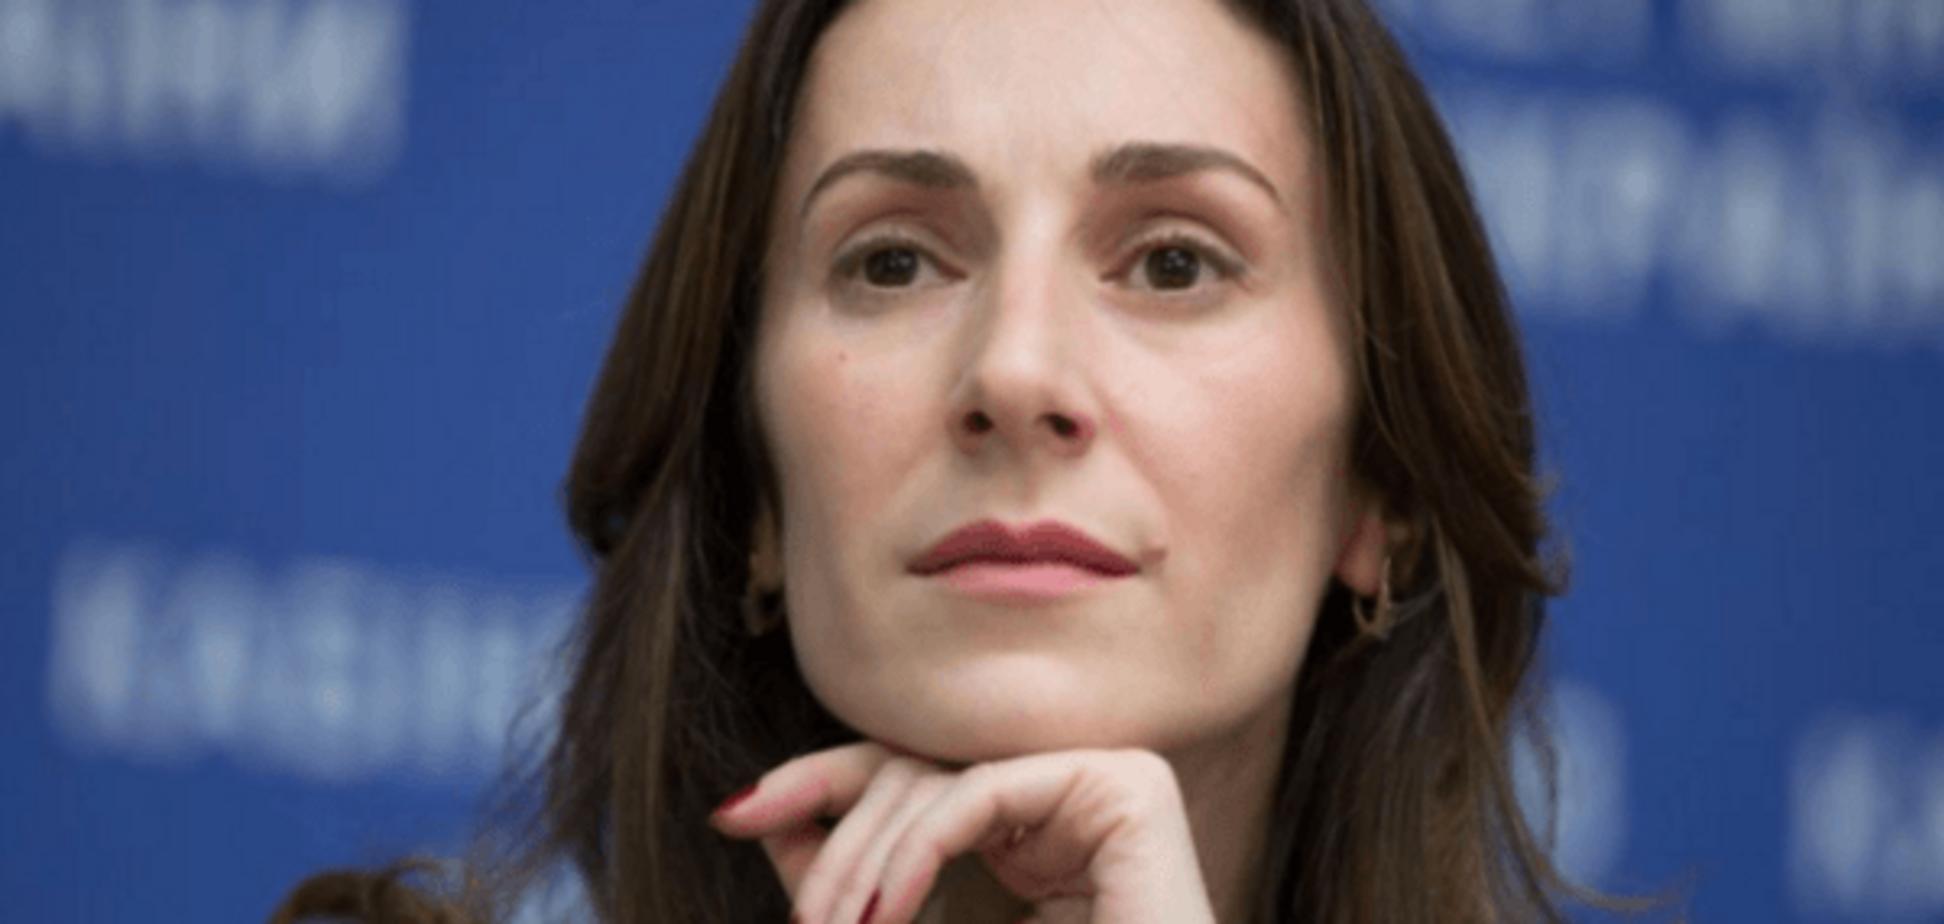 Згуладзе вошла в Топ-100 влиятельных мыслителей 2015 года – FP